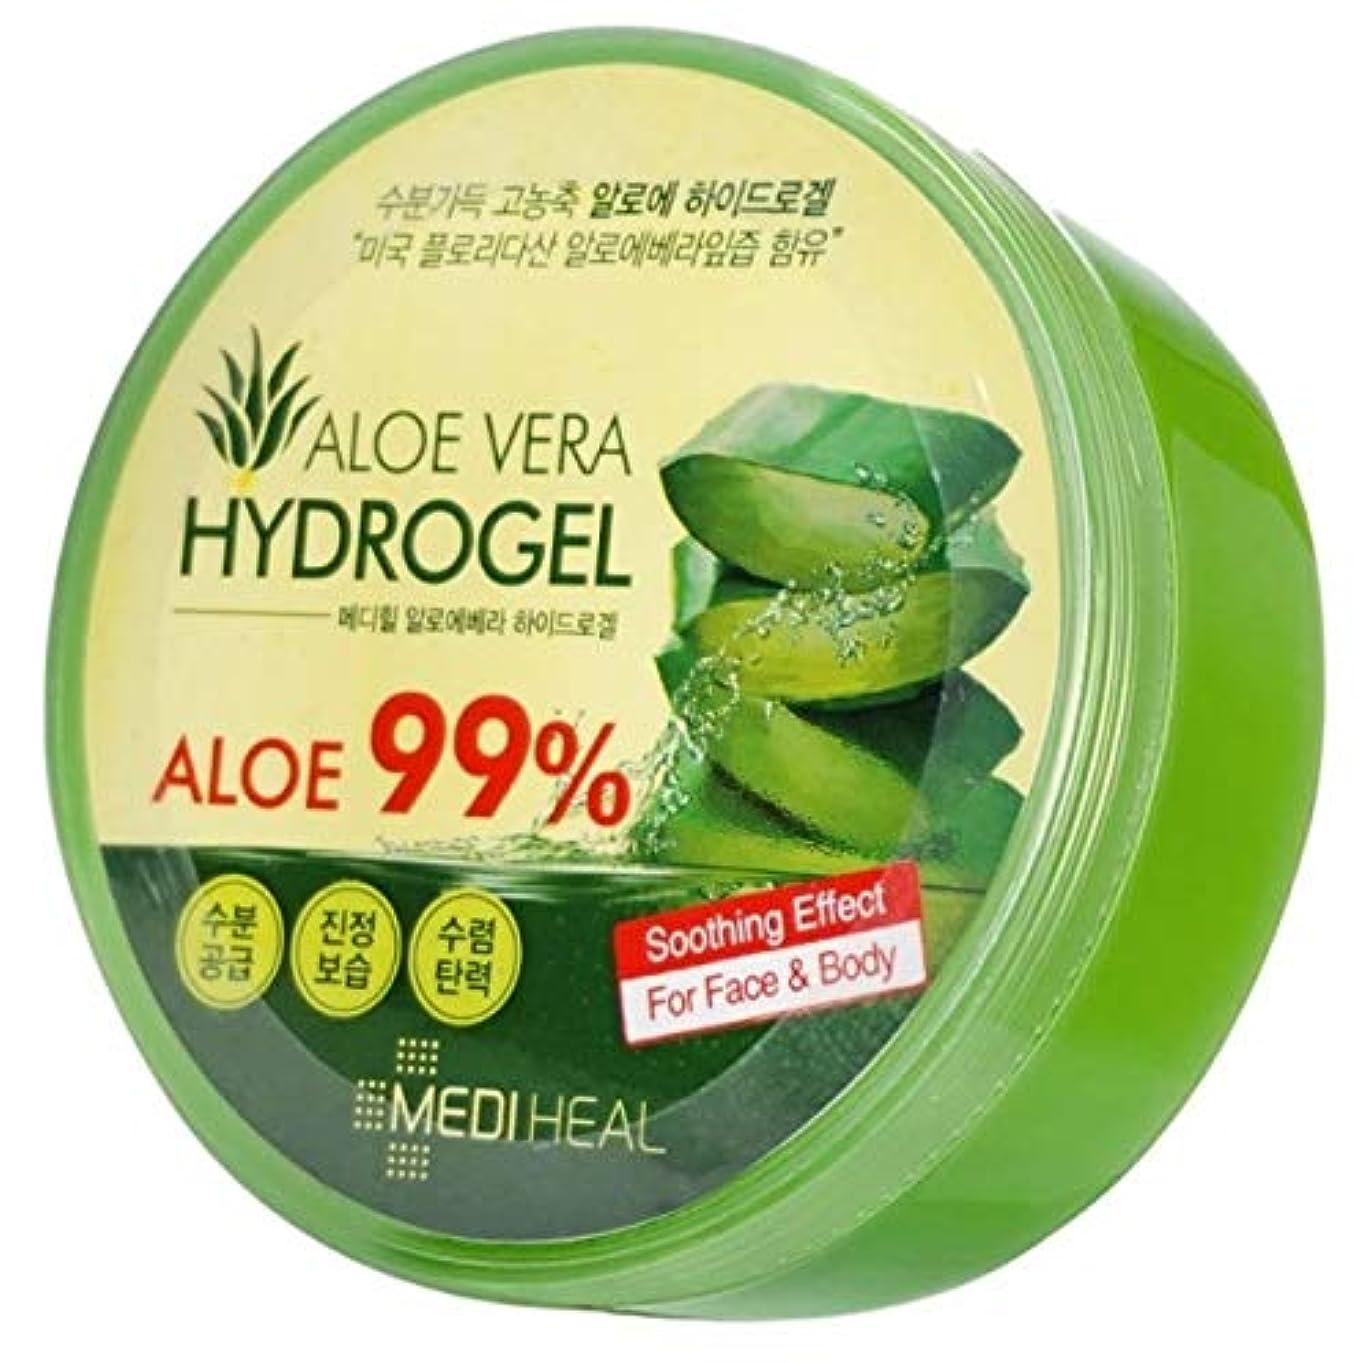 船員復活密Mediheal メディヒール Skin Soothing なだめるような & Moisture 水分 99% Aloe アロエ Vera Hydro Gels ハイドロゲル